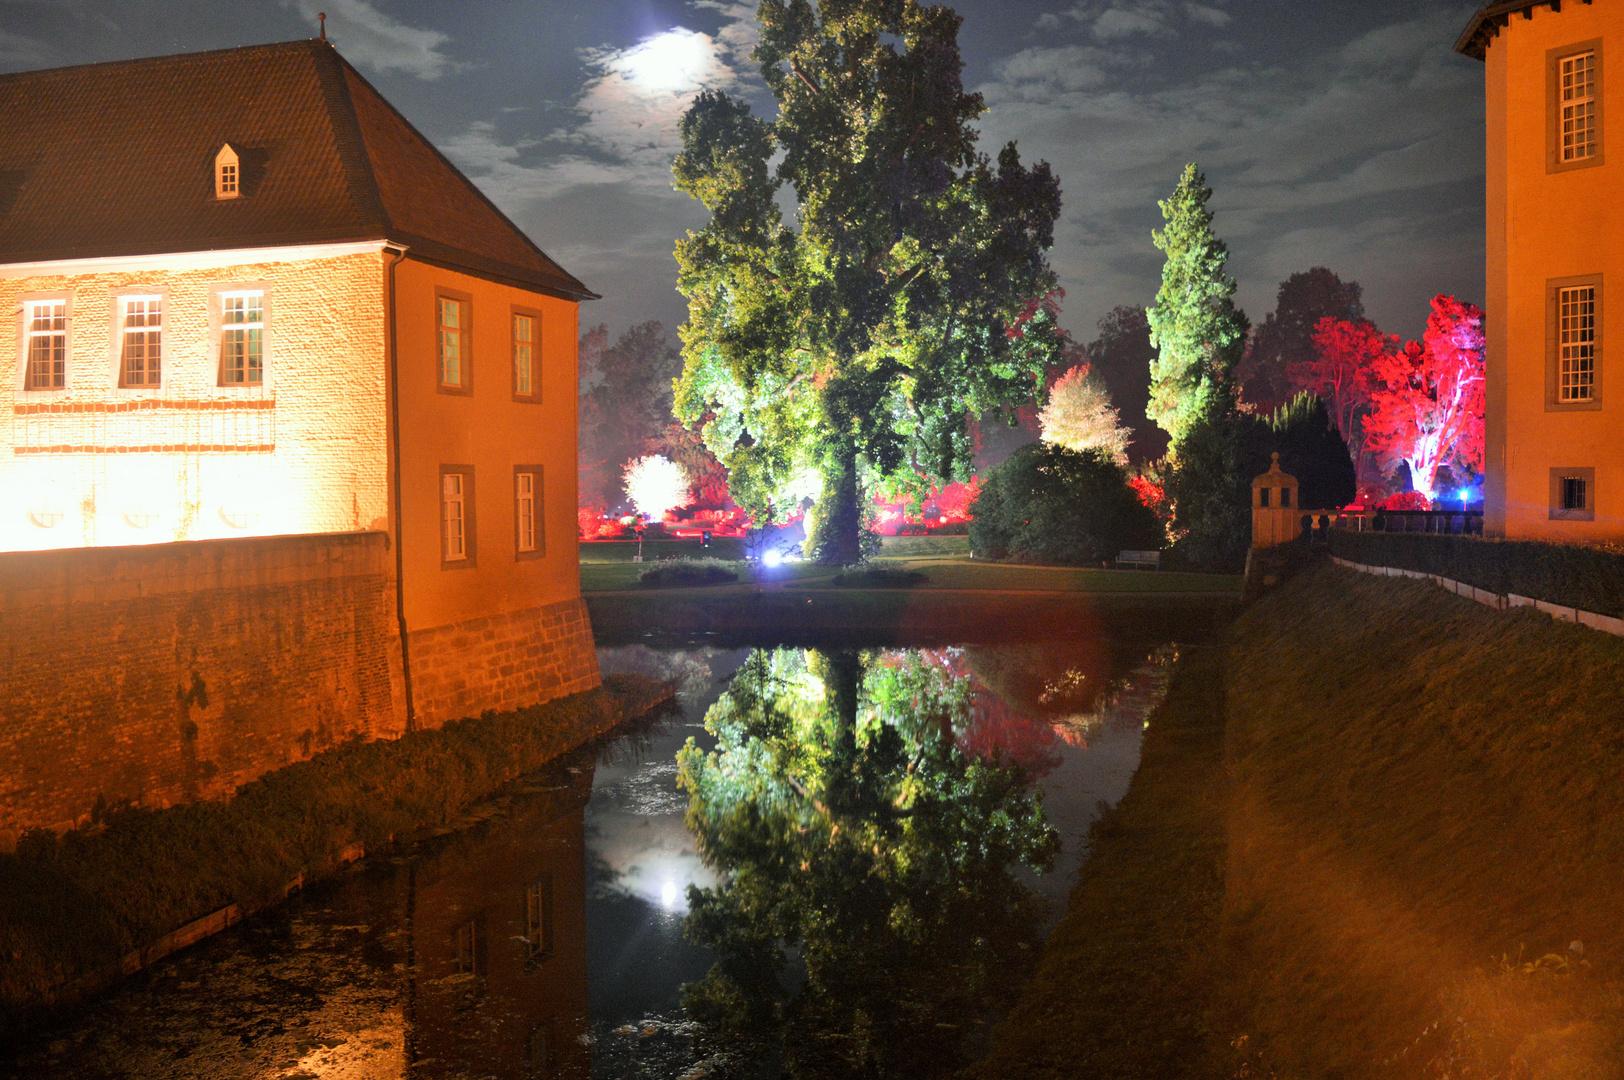 Illumina 2014 Schloss Dyck, Schlossgraben